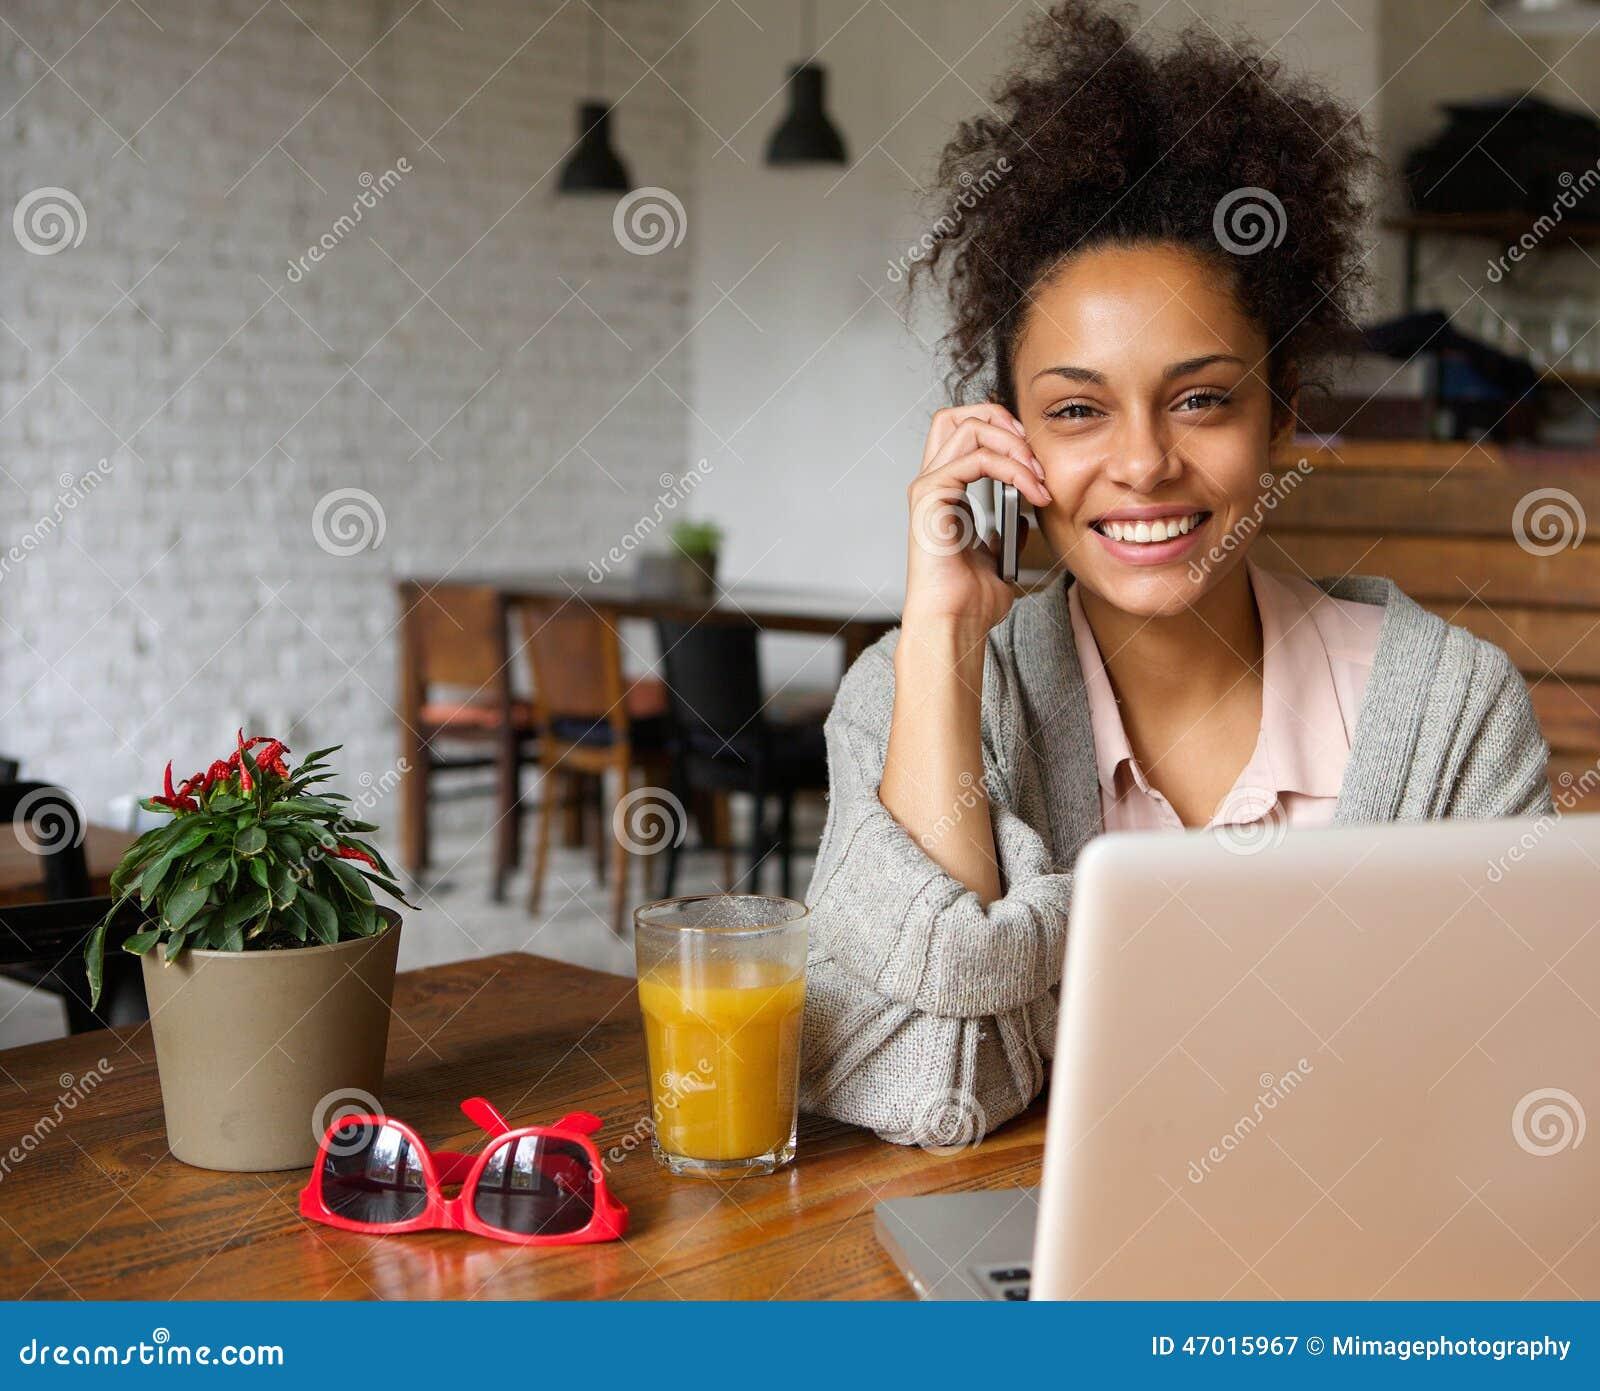 attraktiv sie frau die zu hause am telefon spricht stockbild bild von schauen amerikanisch. Black Bedroom Furniture Sets. Home Design Ideas